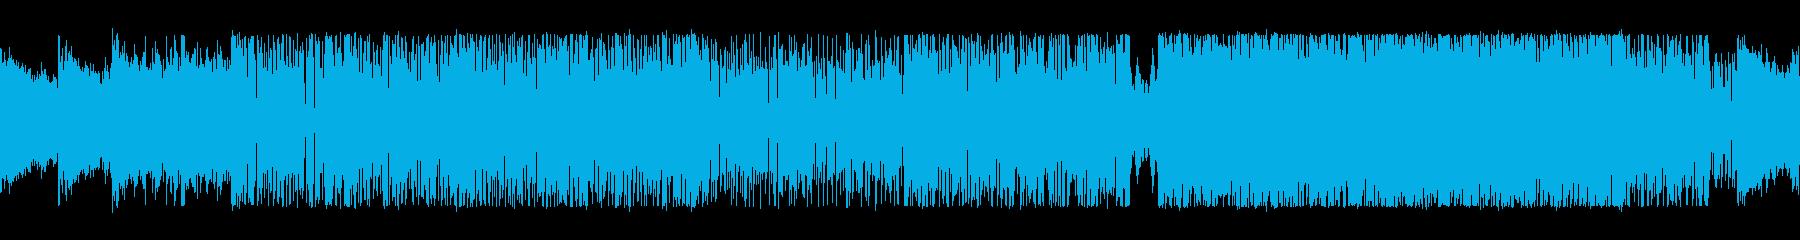 高速ドラムが駆け抜けるスリル満点のロックの再生済みの波形